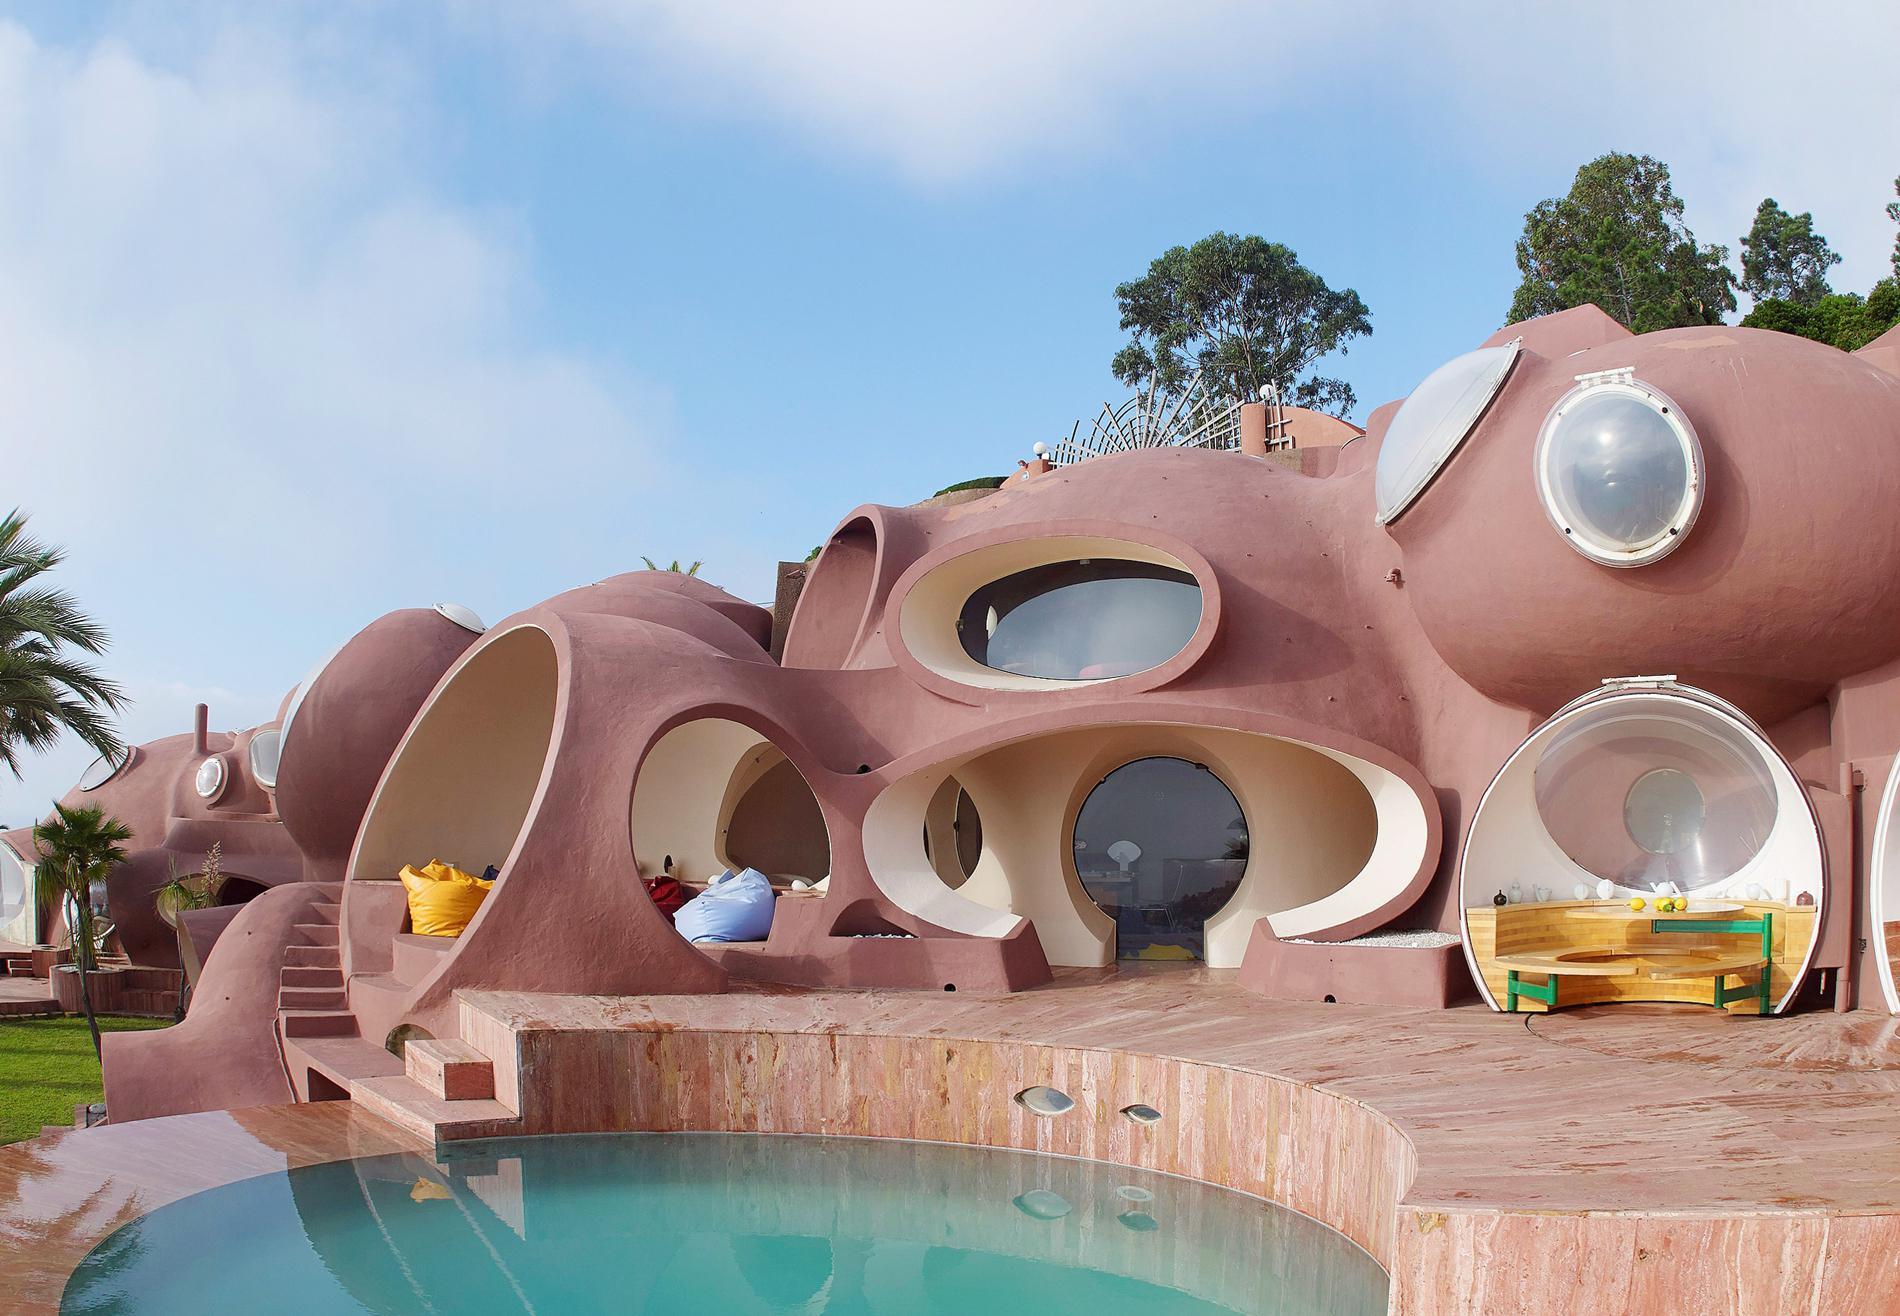 maison-de-legende--le-palais-bulles-diaporama-photo-mad80r-10